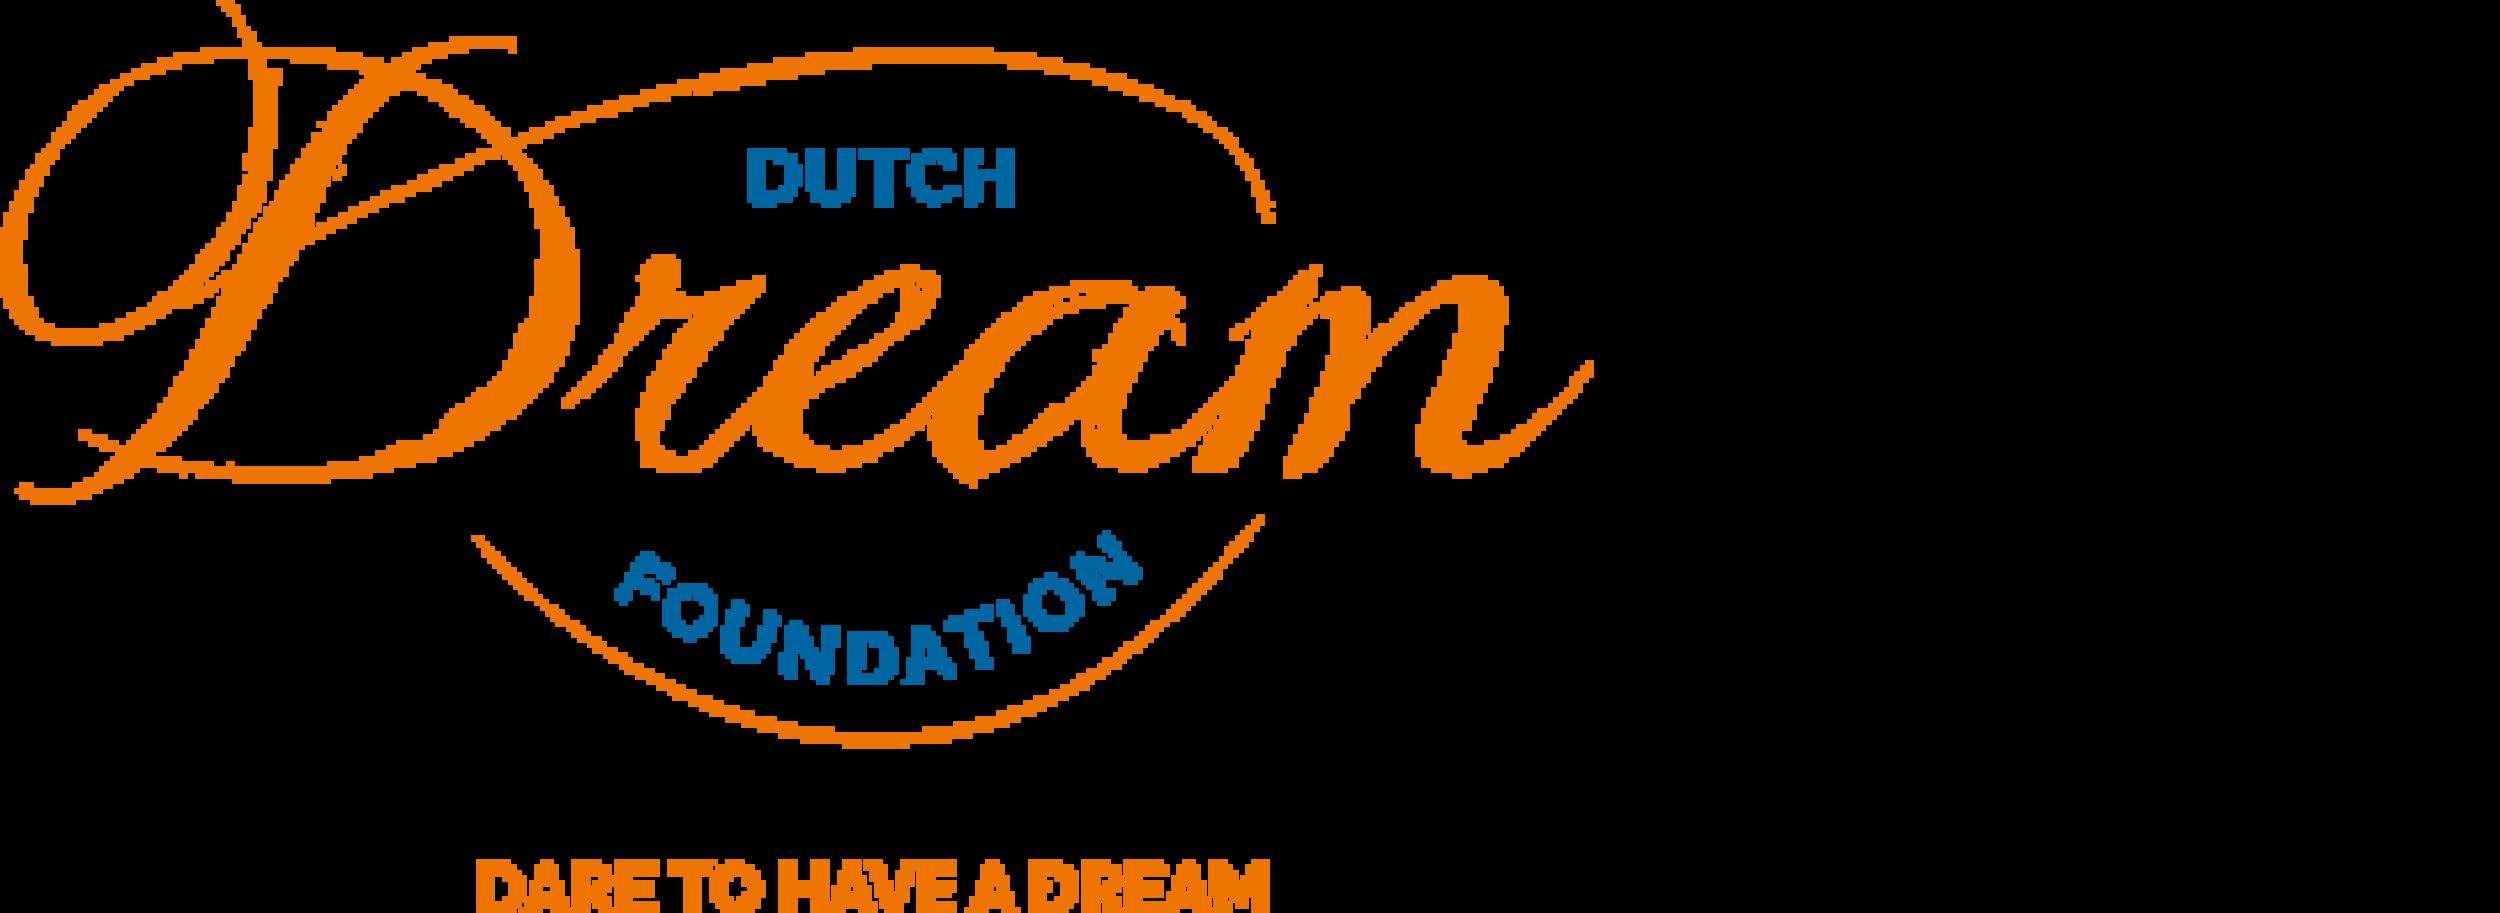 dutch dream foundation inclusief tekst.png